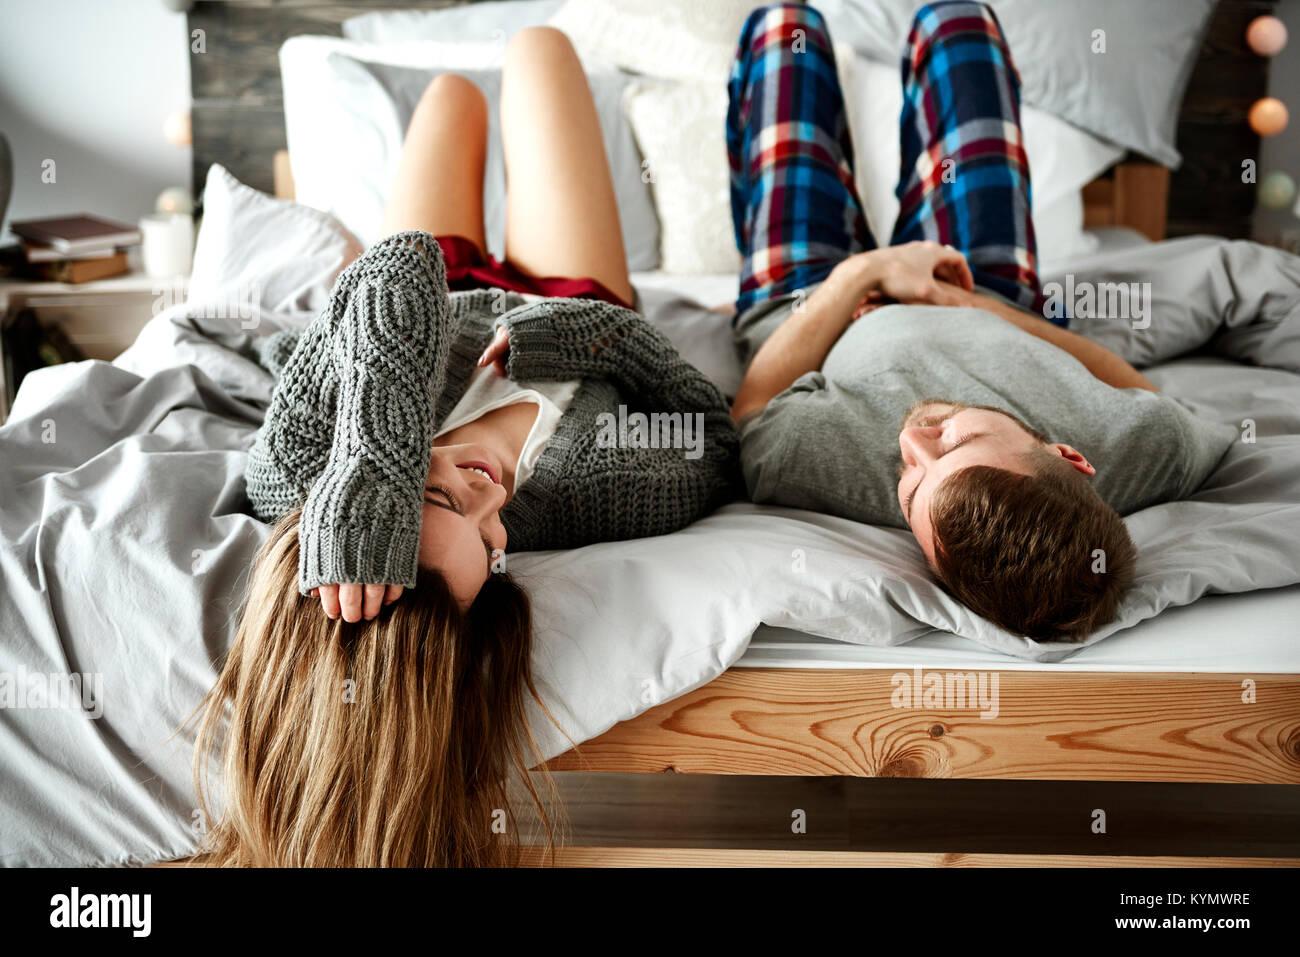 Vista trasera de la alegre pareja acostada en la cama Imagen De Stock